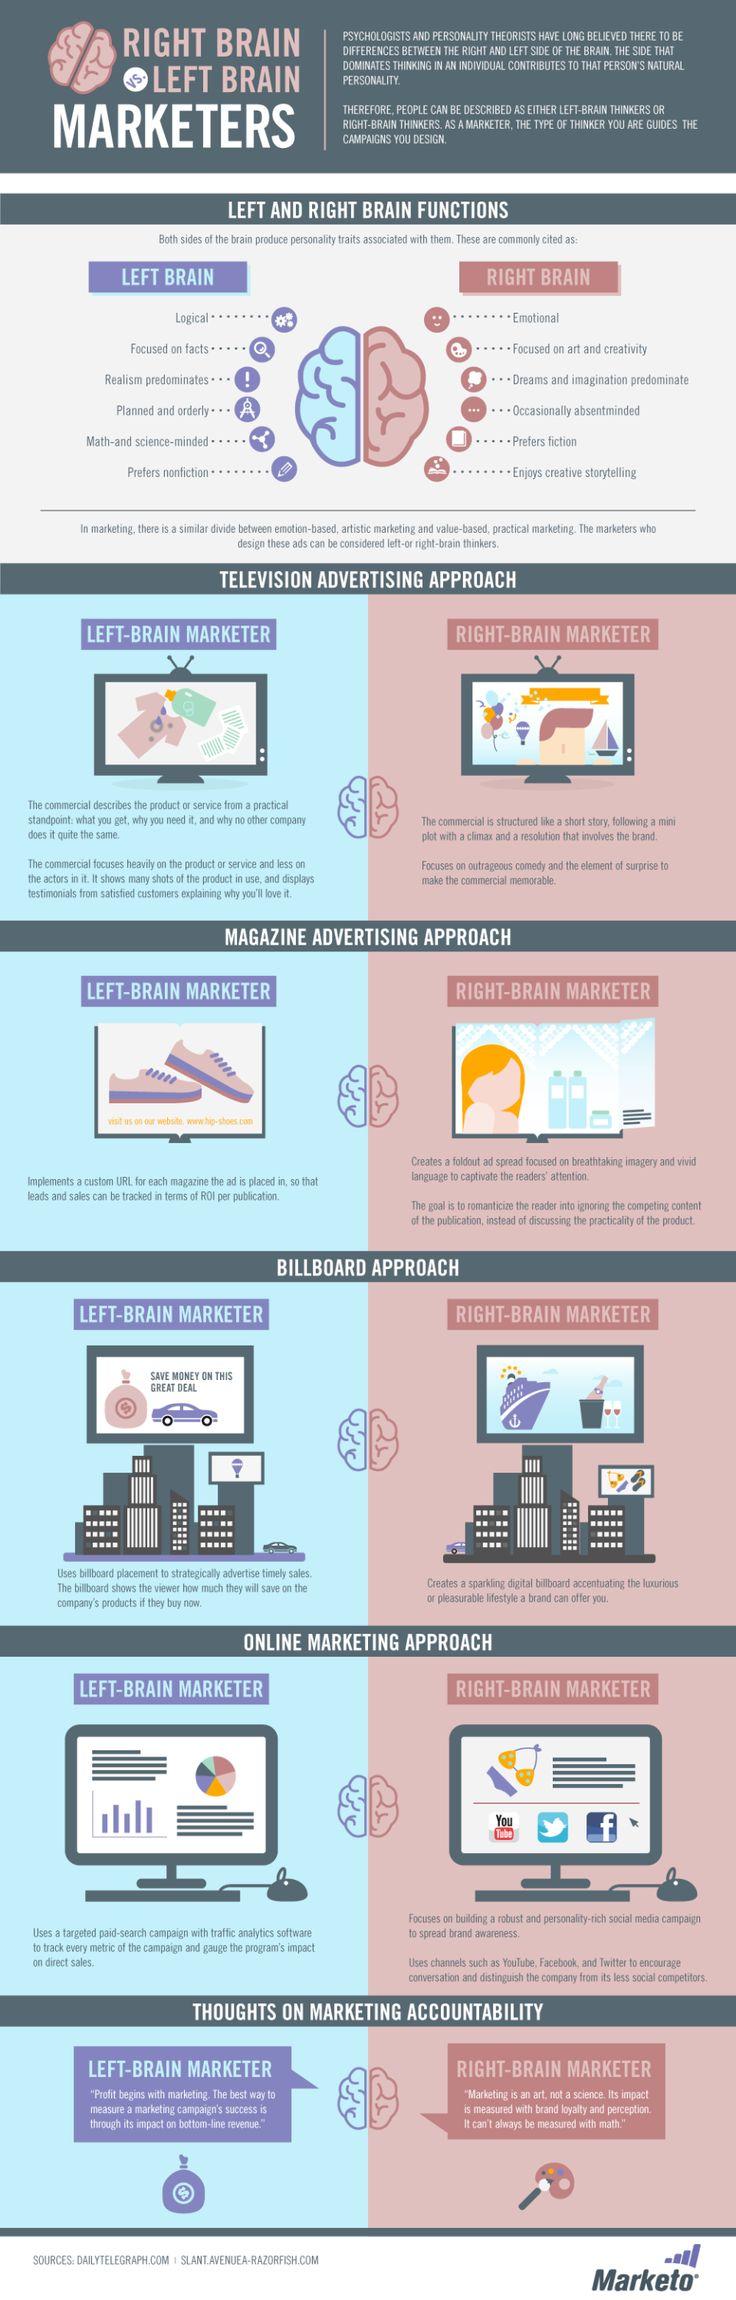 La parte derecha el cerebro vs la parte izquierda en marketing #infografia #infographic #marketing